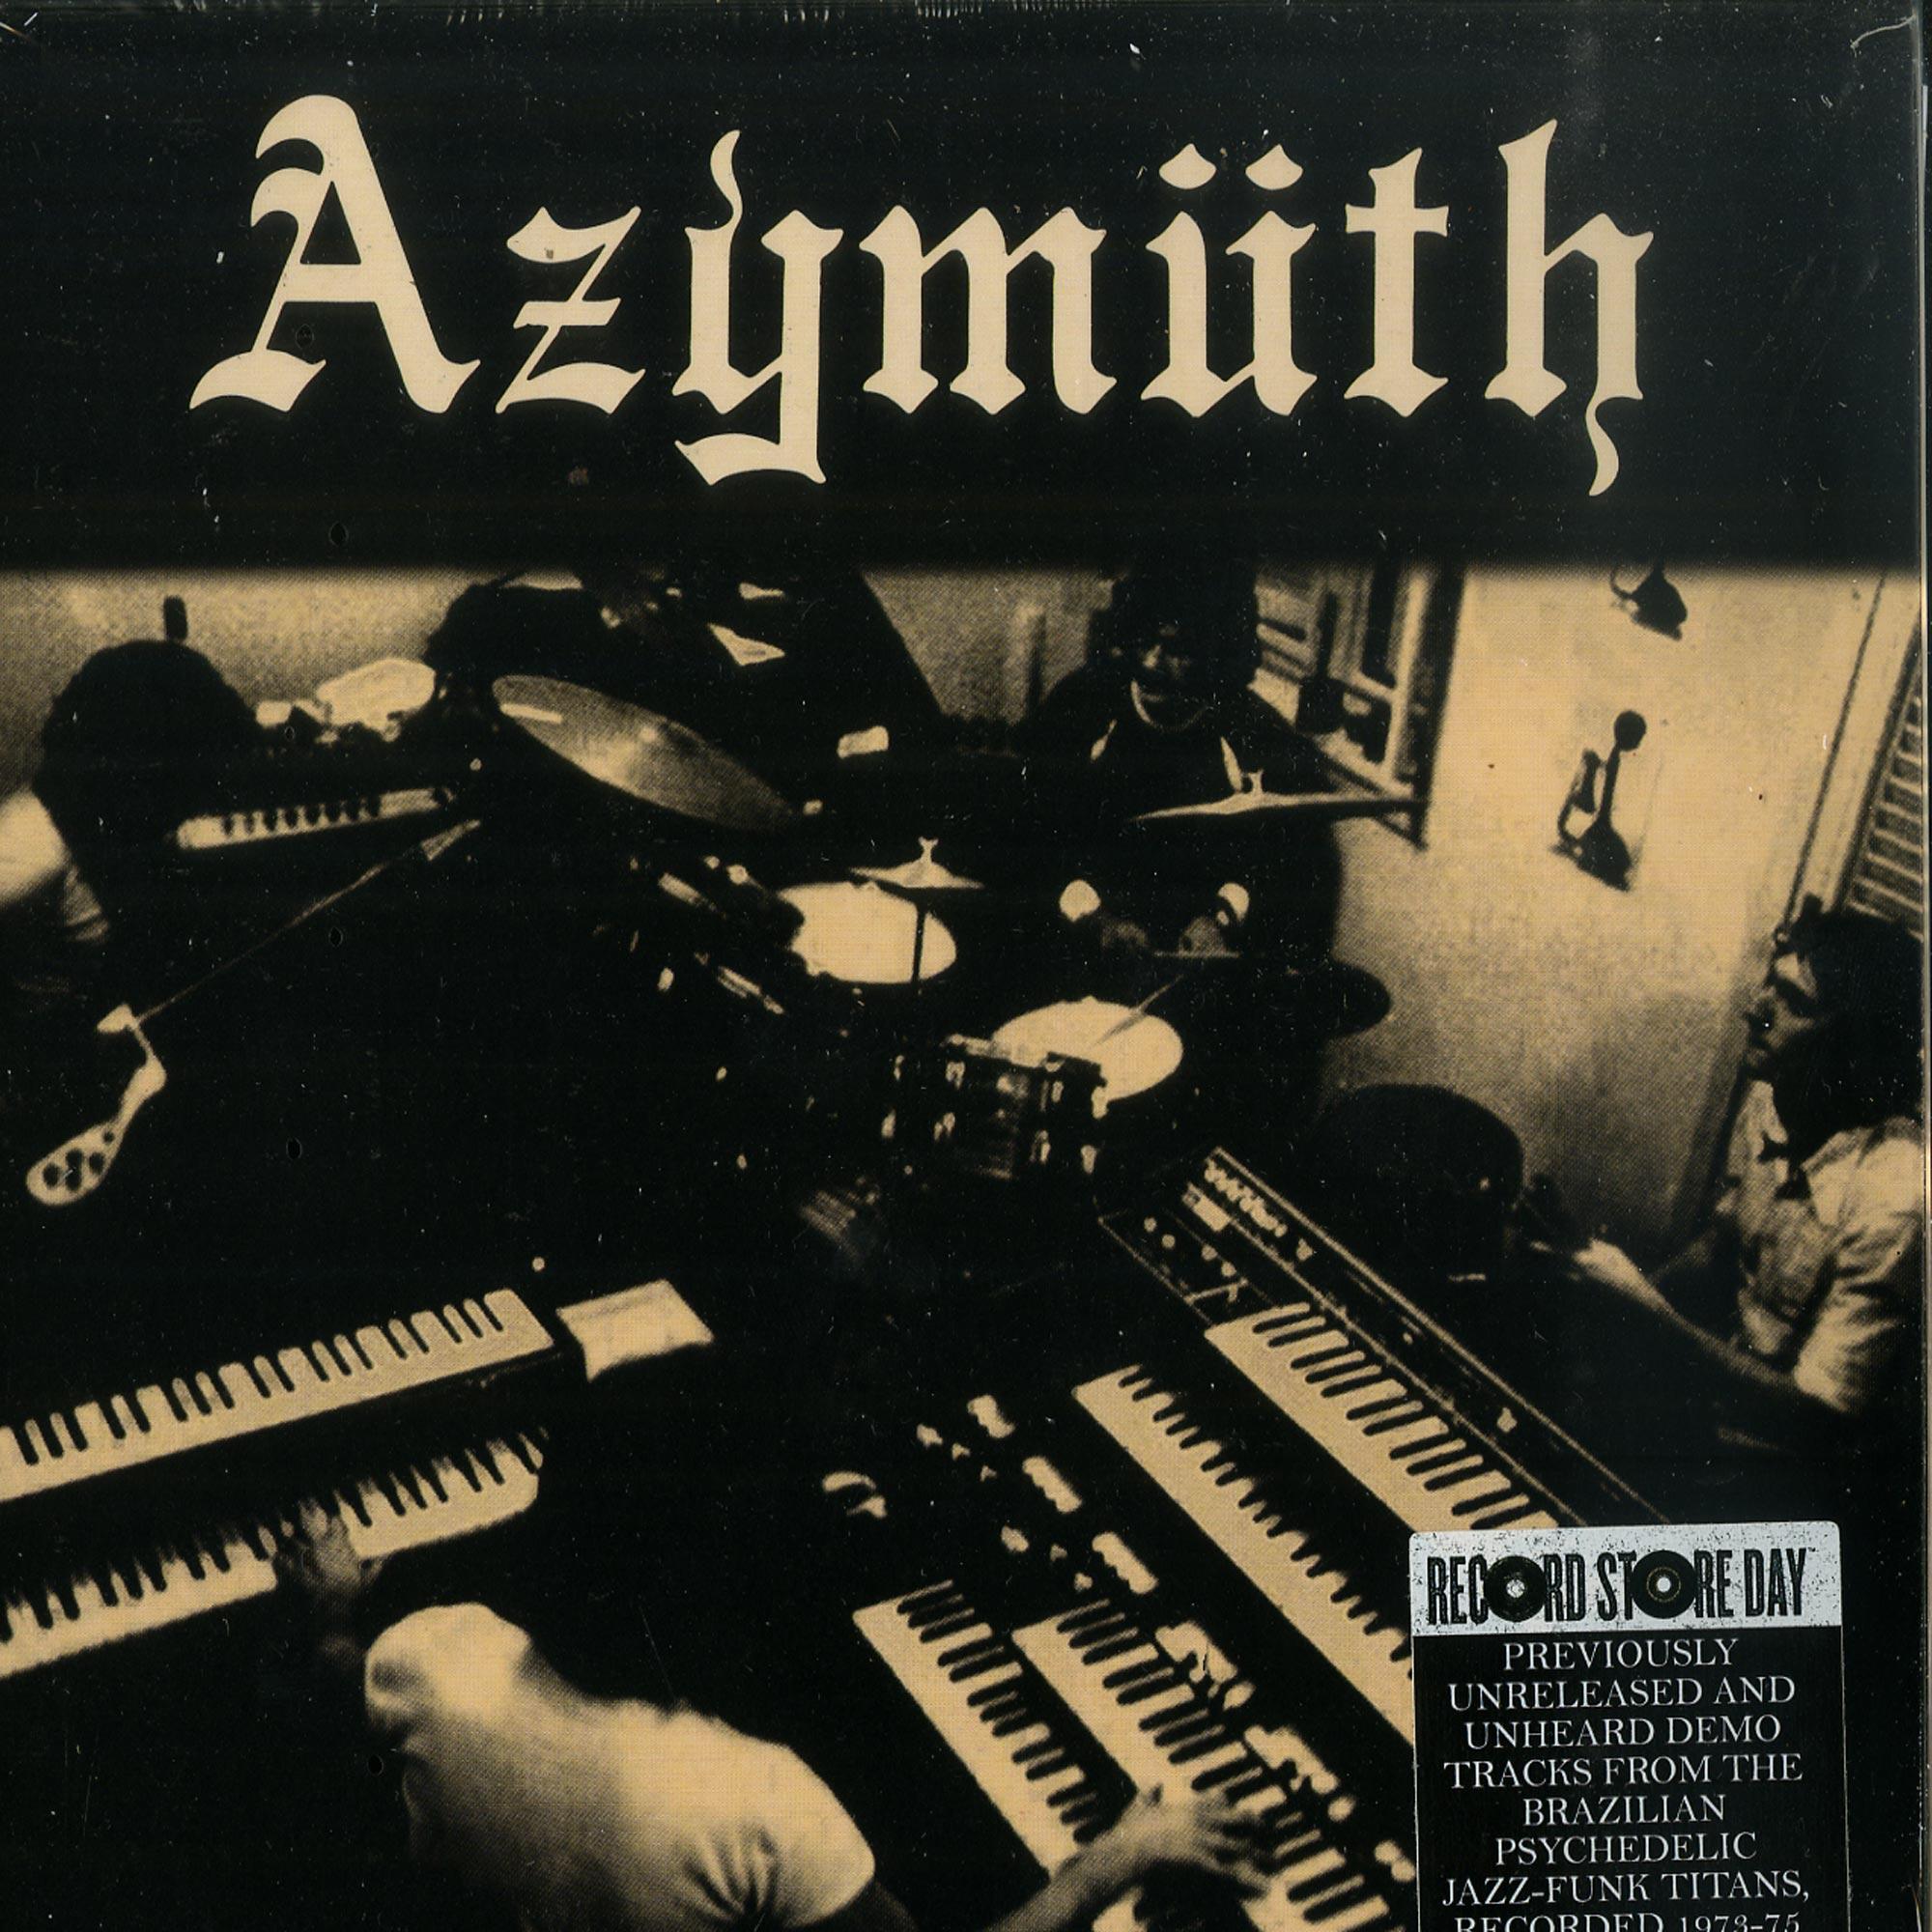 Azymuth - DEMOS 1973-75